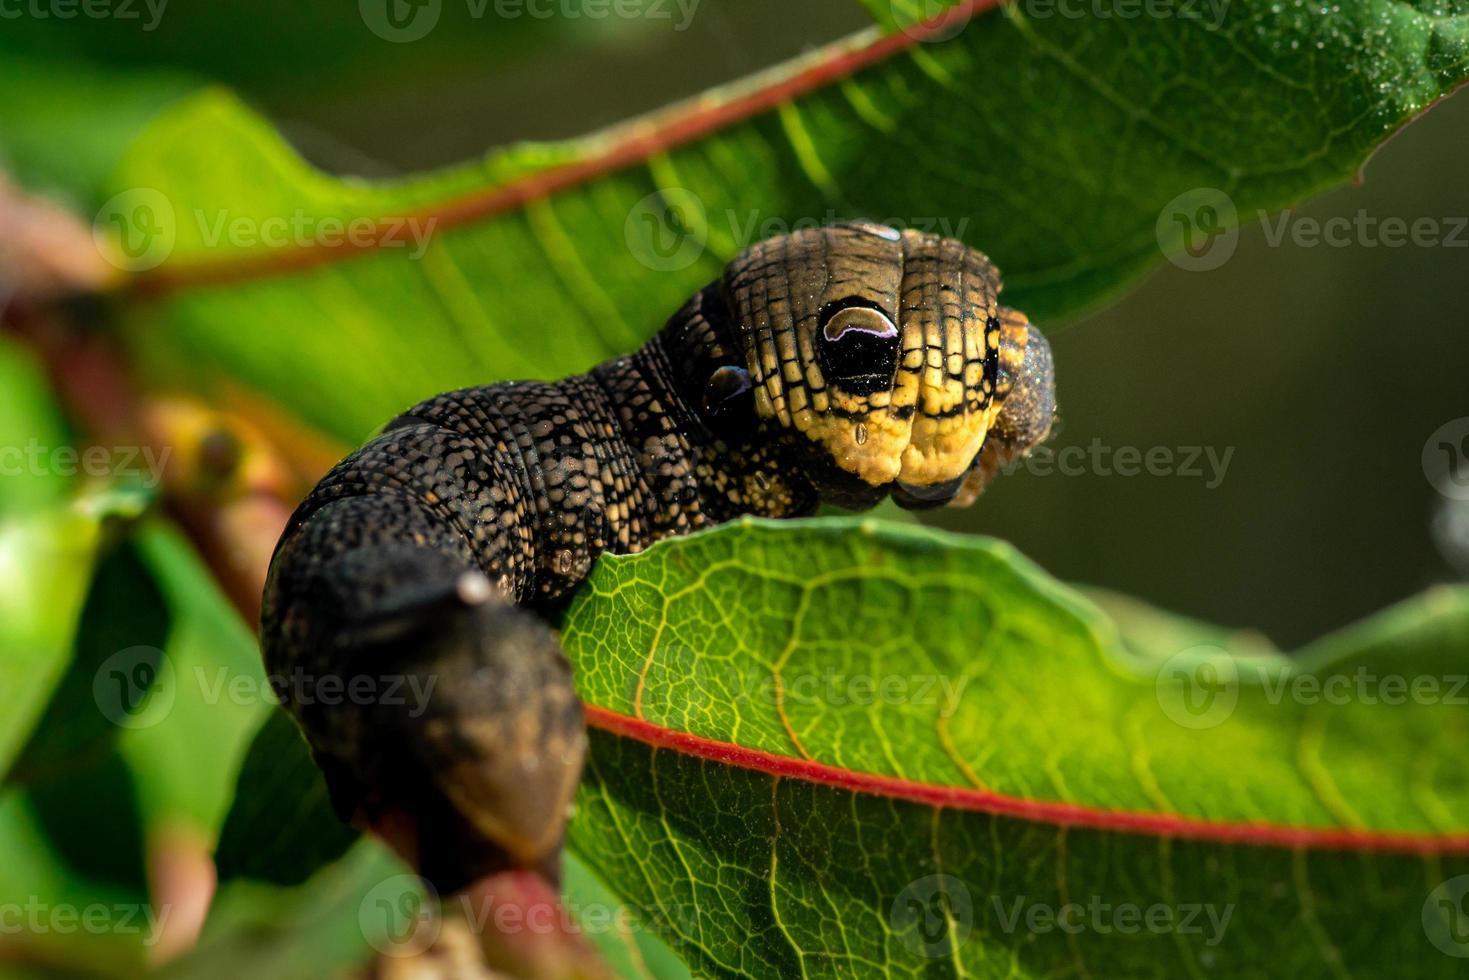 närbild av en stor larv som kryper bland gröna blad foto